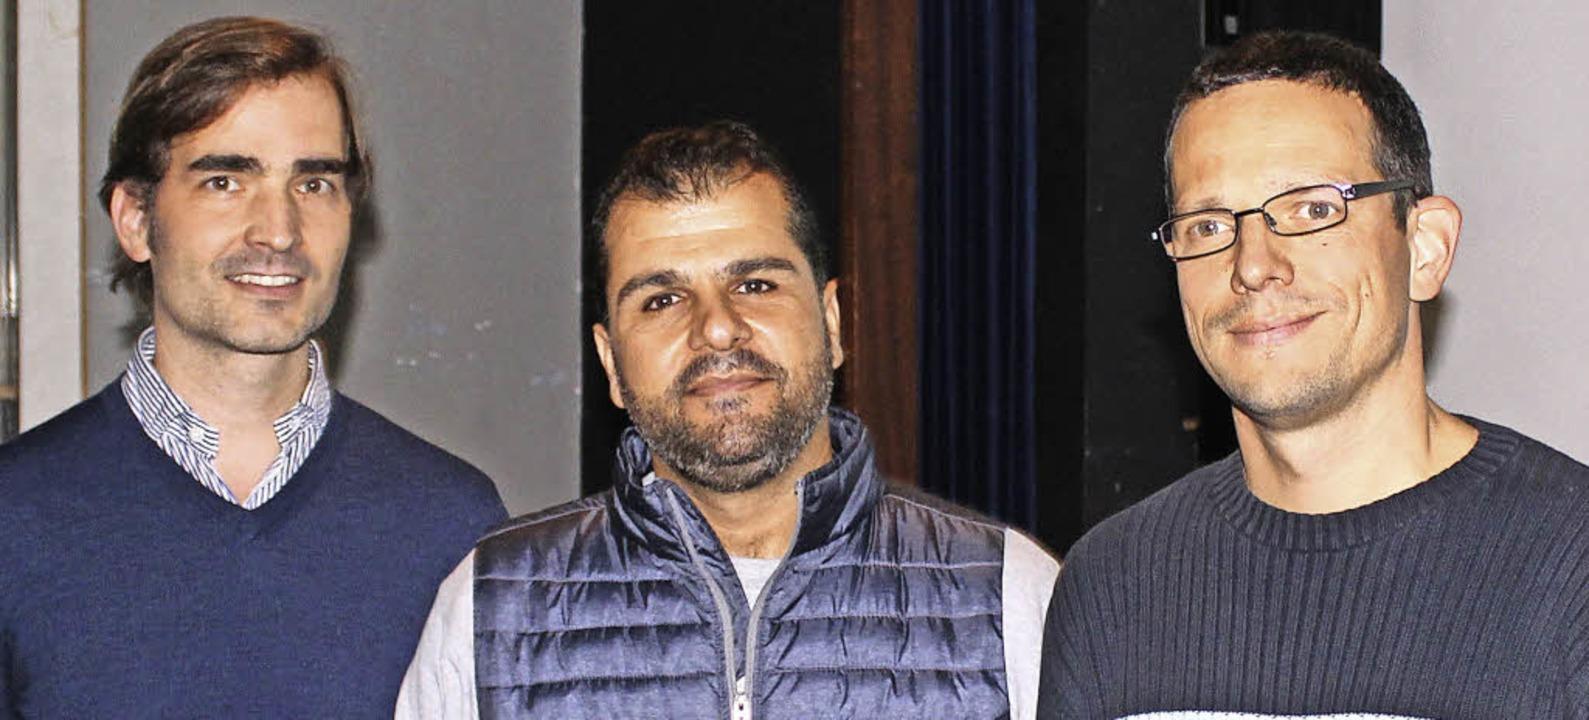 Der Vize-Direktor des syrischen Nation...ks) und Patrick Thalacker eingeladen.   | Foto: Joshua Kocher